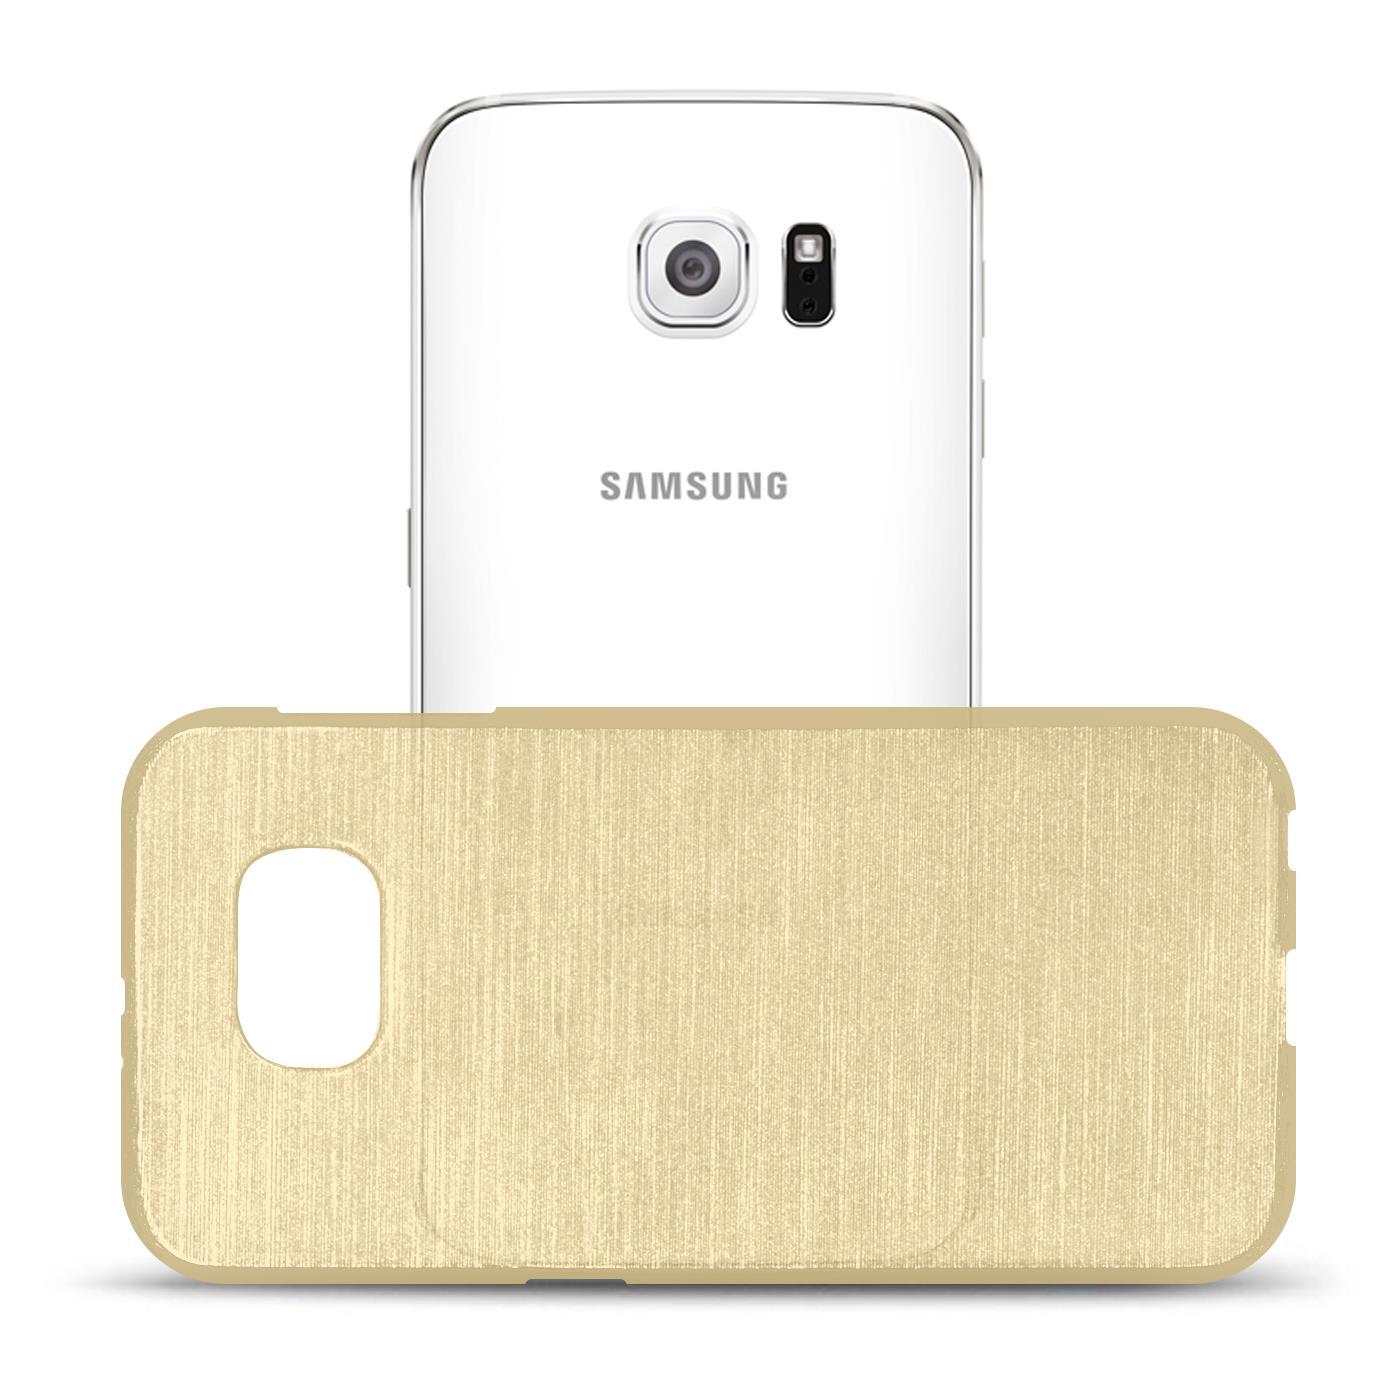 Silikon-Bumper-Case-fuer-Samsung-Galaxy-s6-duenne-ultra-slim-Stossfeste-Rueckschale Indexbild 16